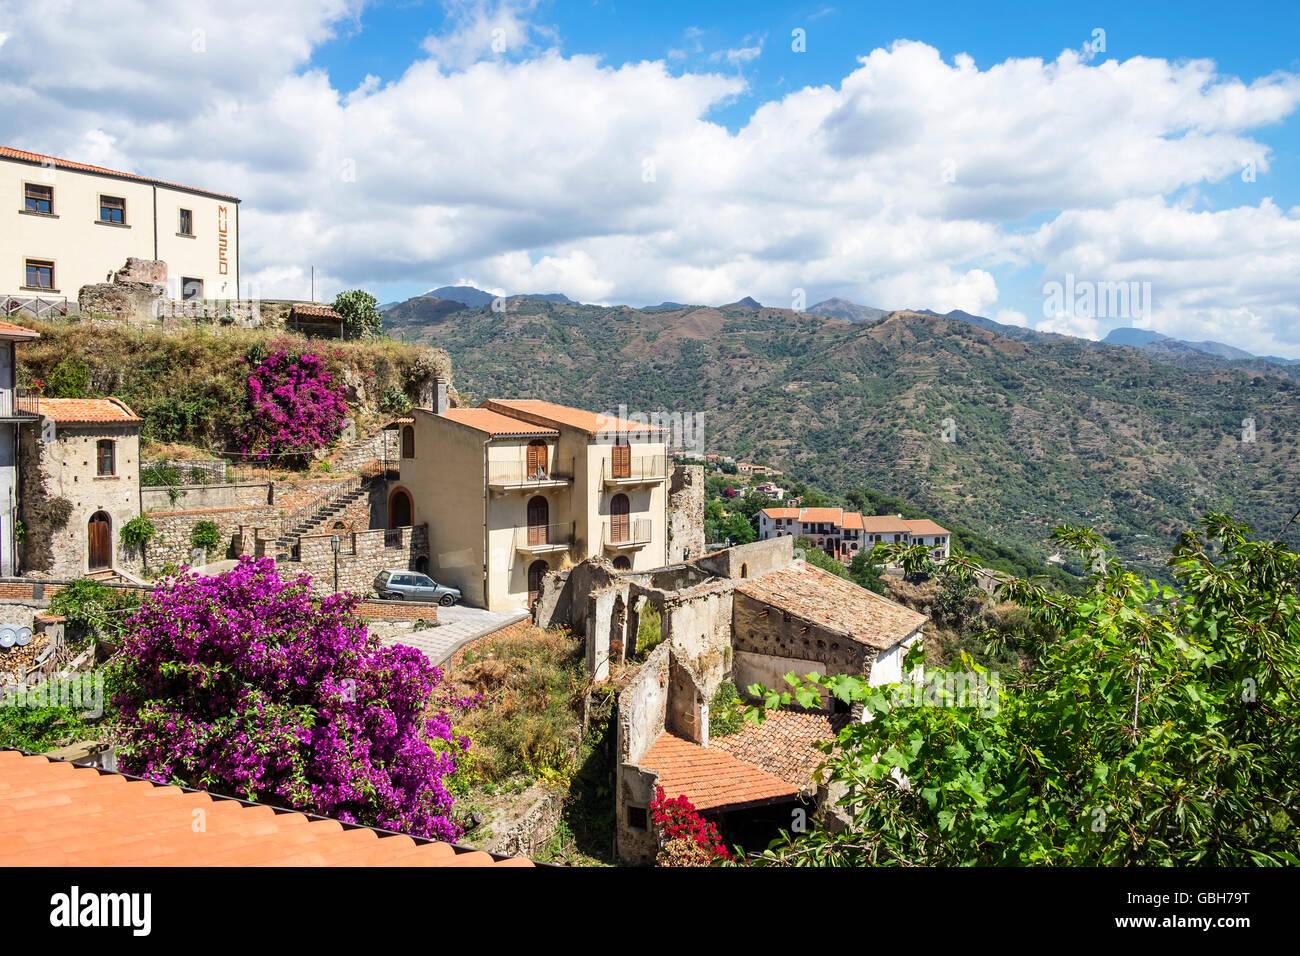 Le village médiéval de Savoca dans les Monts Peloritani près de Messine sur l'île italienne Photo Stock